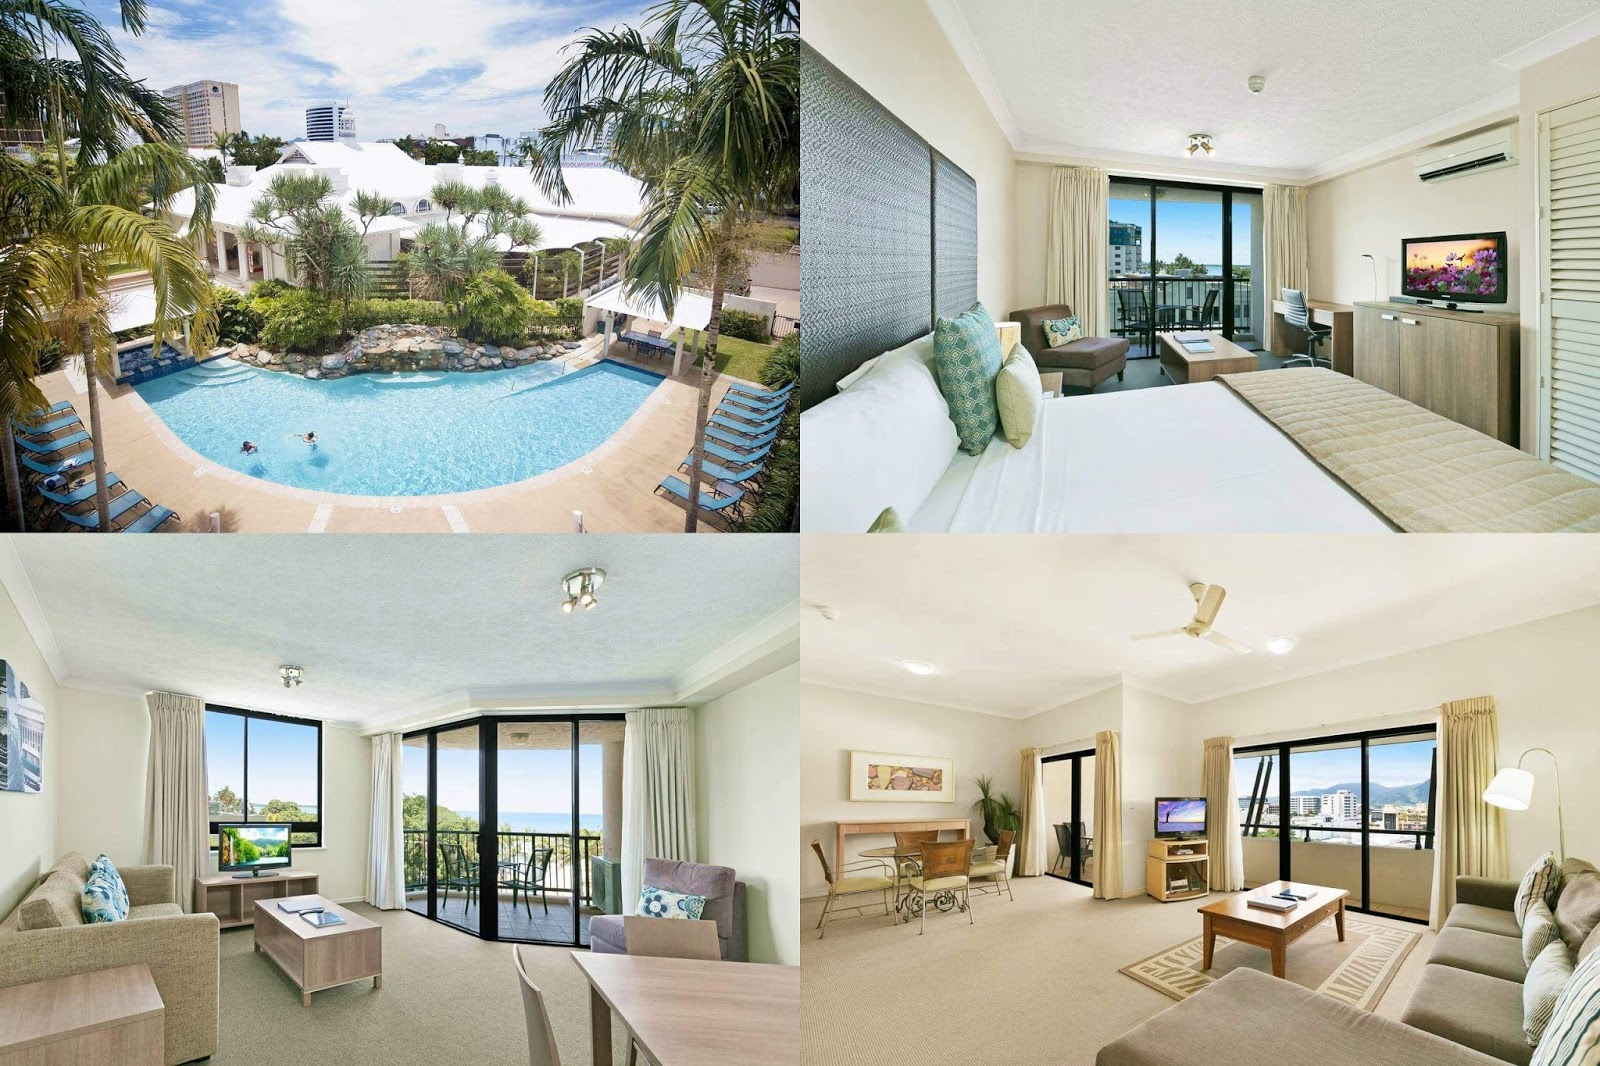 凱恩斯-住宿-推薦-曼特拉濱海-飯店-旅館-民宿-公寓-酒店-Cairns-Mantra-Esplanade-Hotel